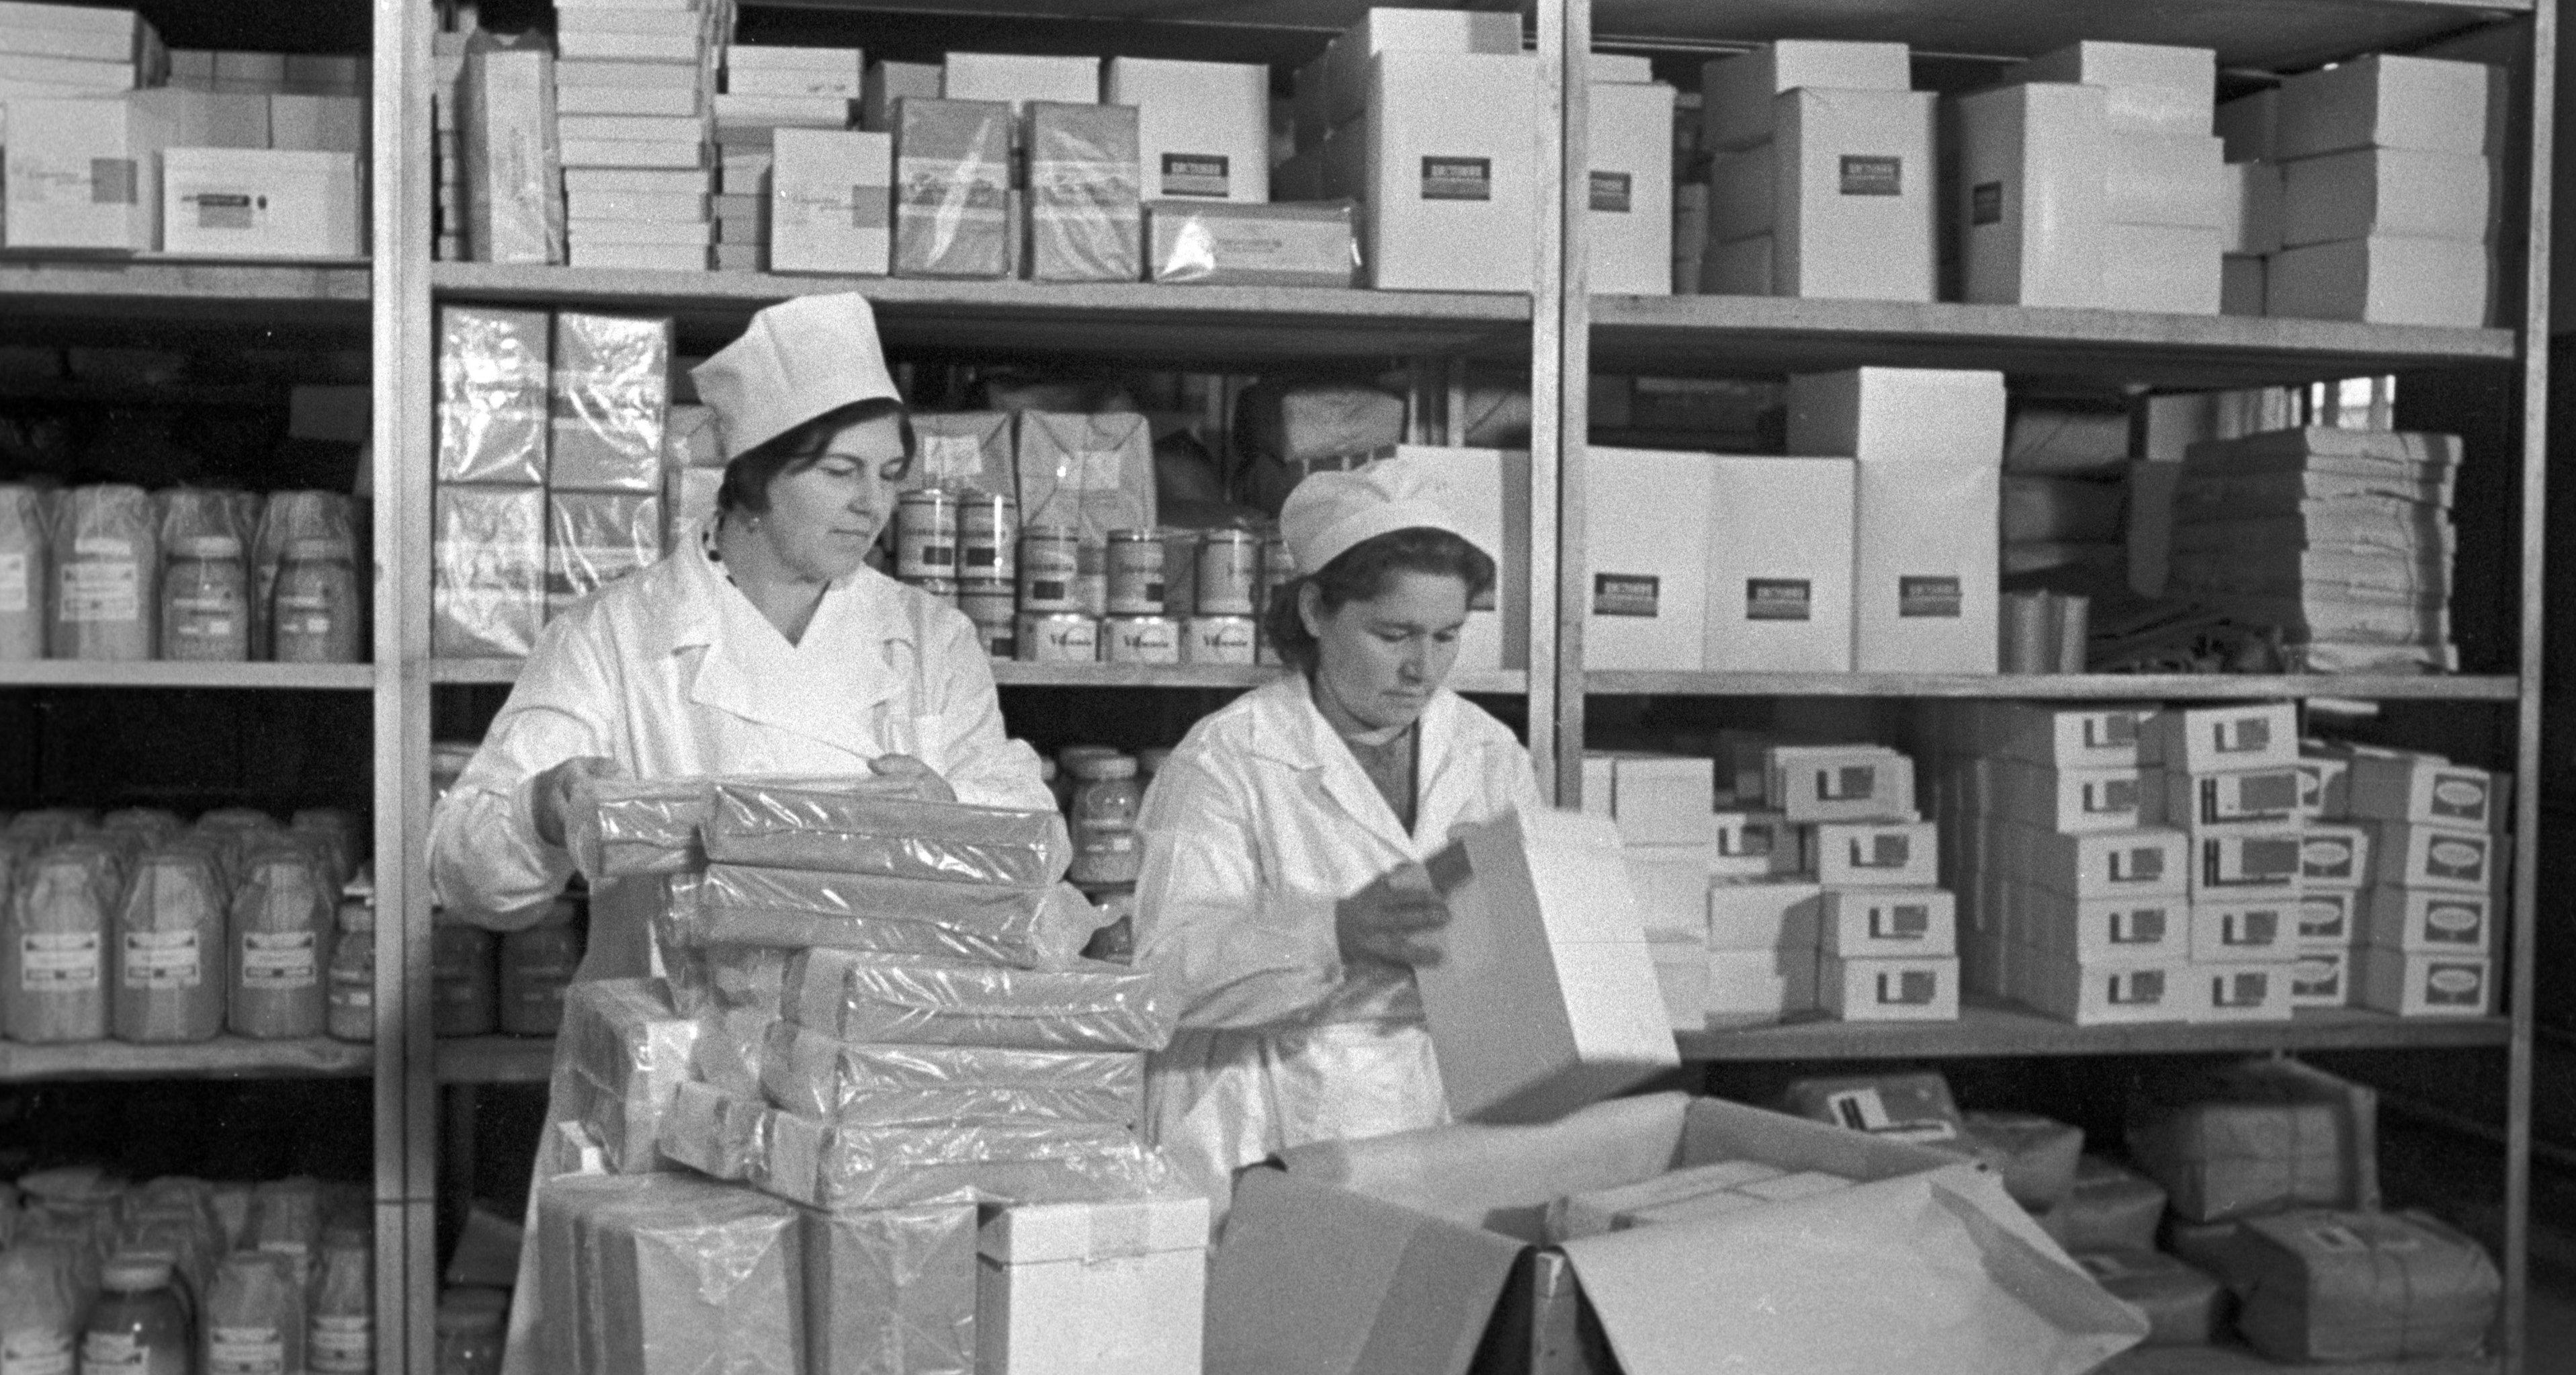 Общество Красного Креста и Красного Полумесяца СССР готовит медикаменты для отправки пострадавшим от землетрясения 1968 года в Иранской провинции Хорасан